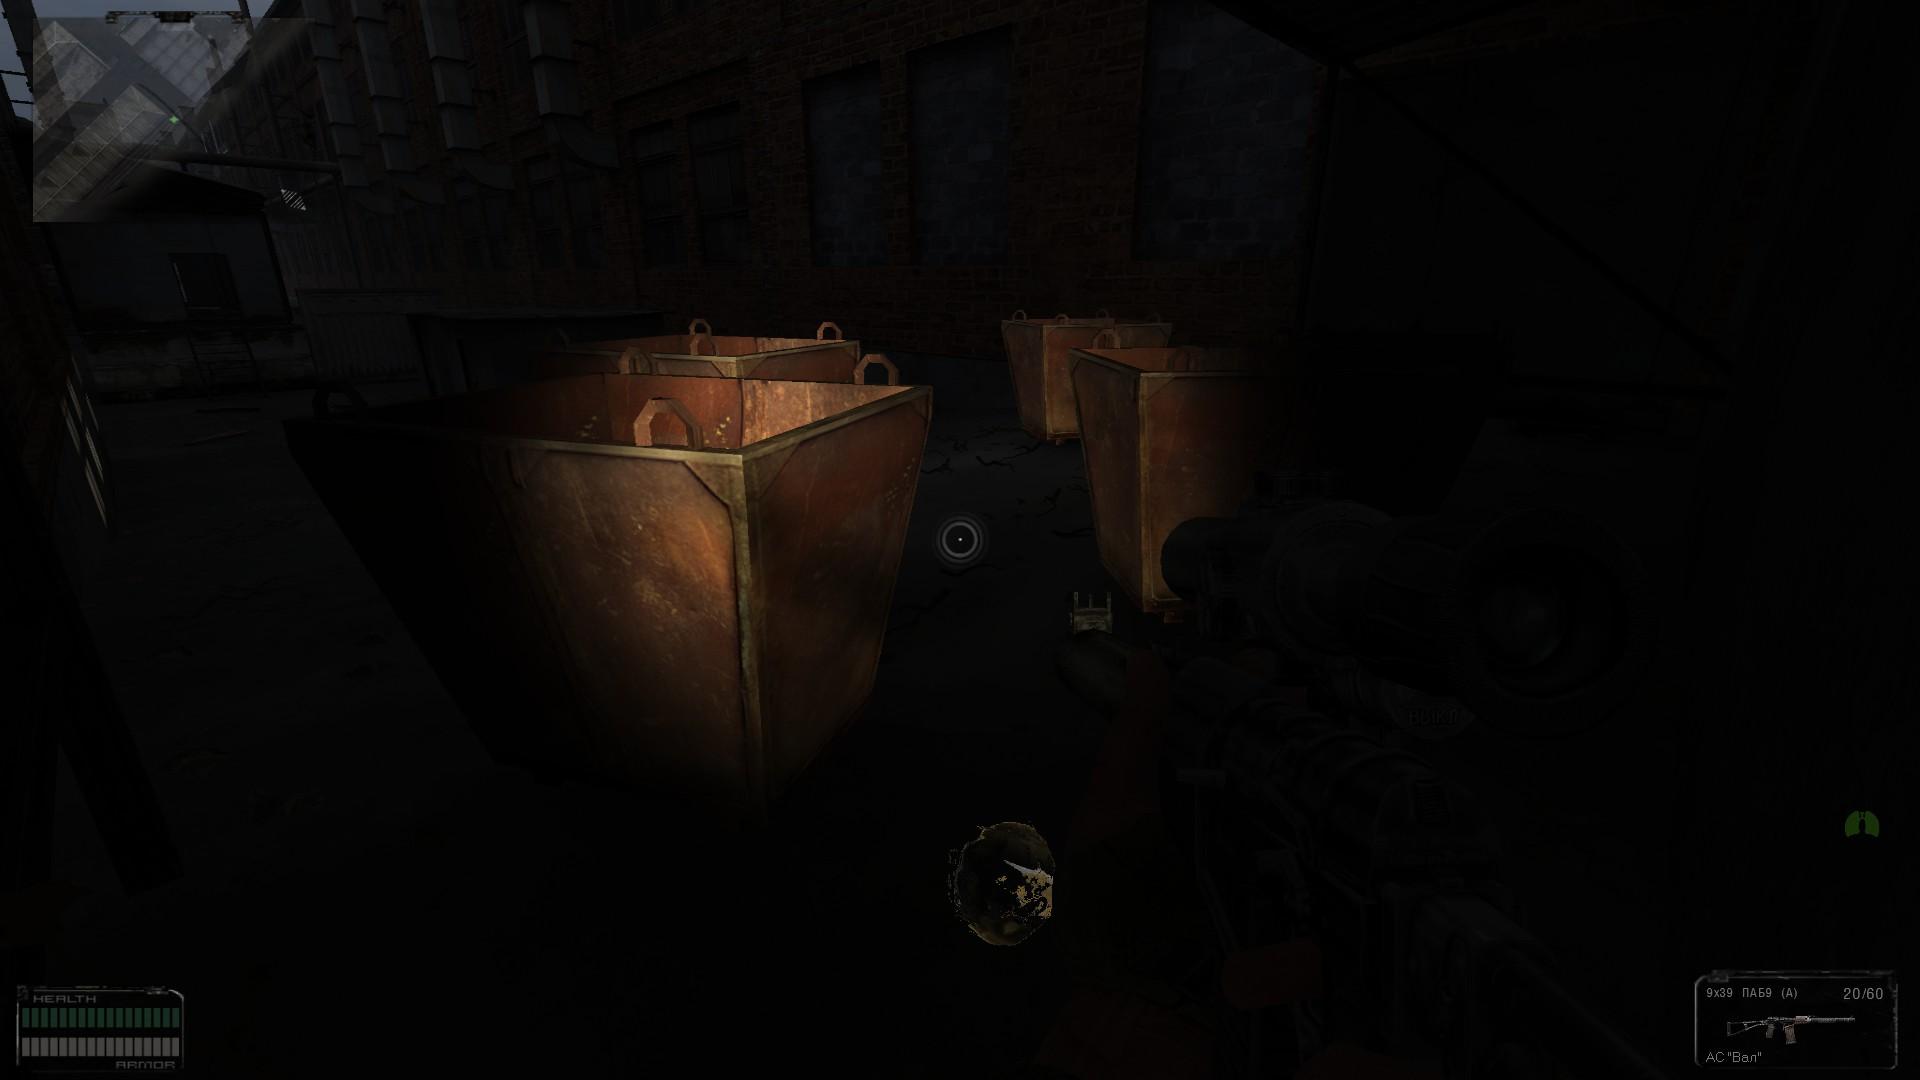 Oblivion Lost Remake 2.5 image 200